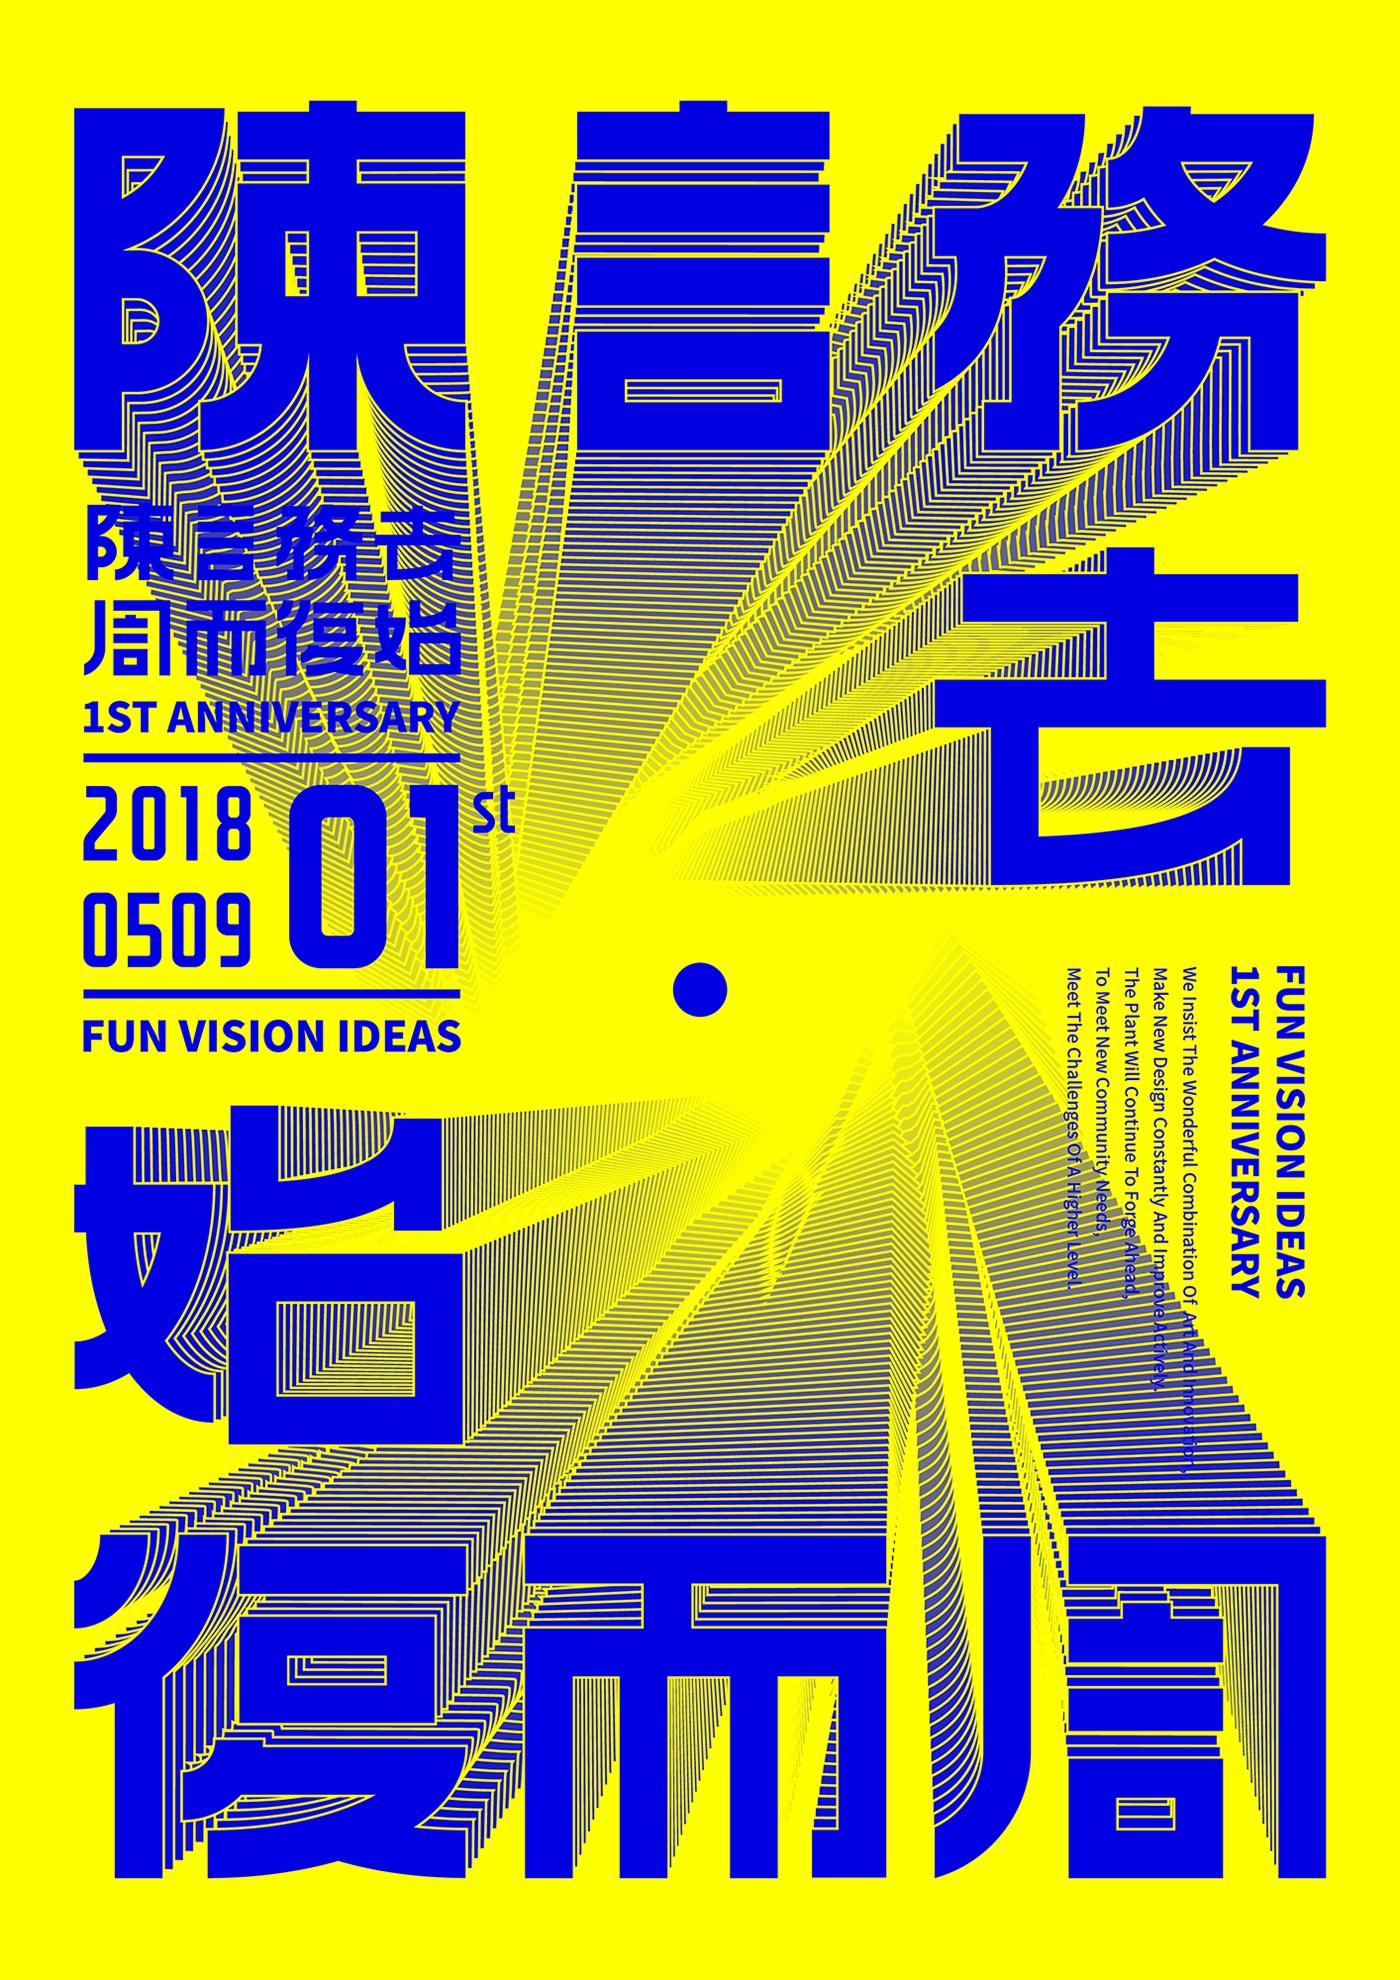 娱乐资讯_工作室一周年主题海报视觉设计 - 视觉同盟(VisionUnion.com)